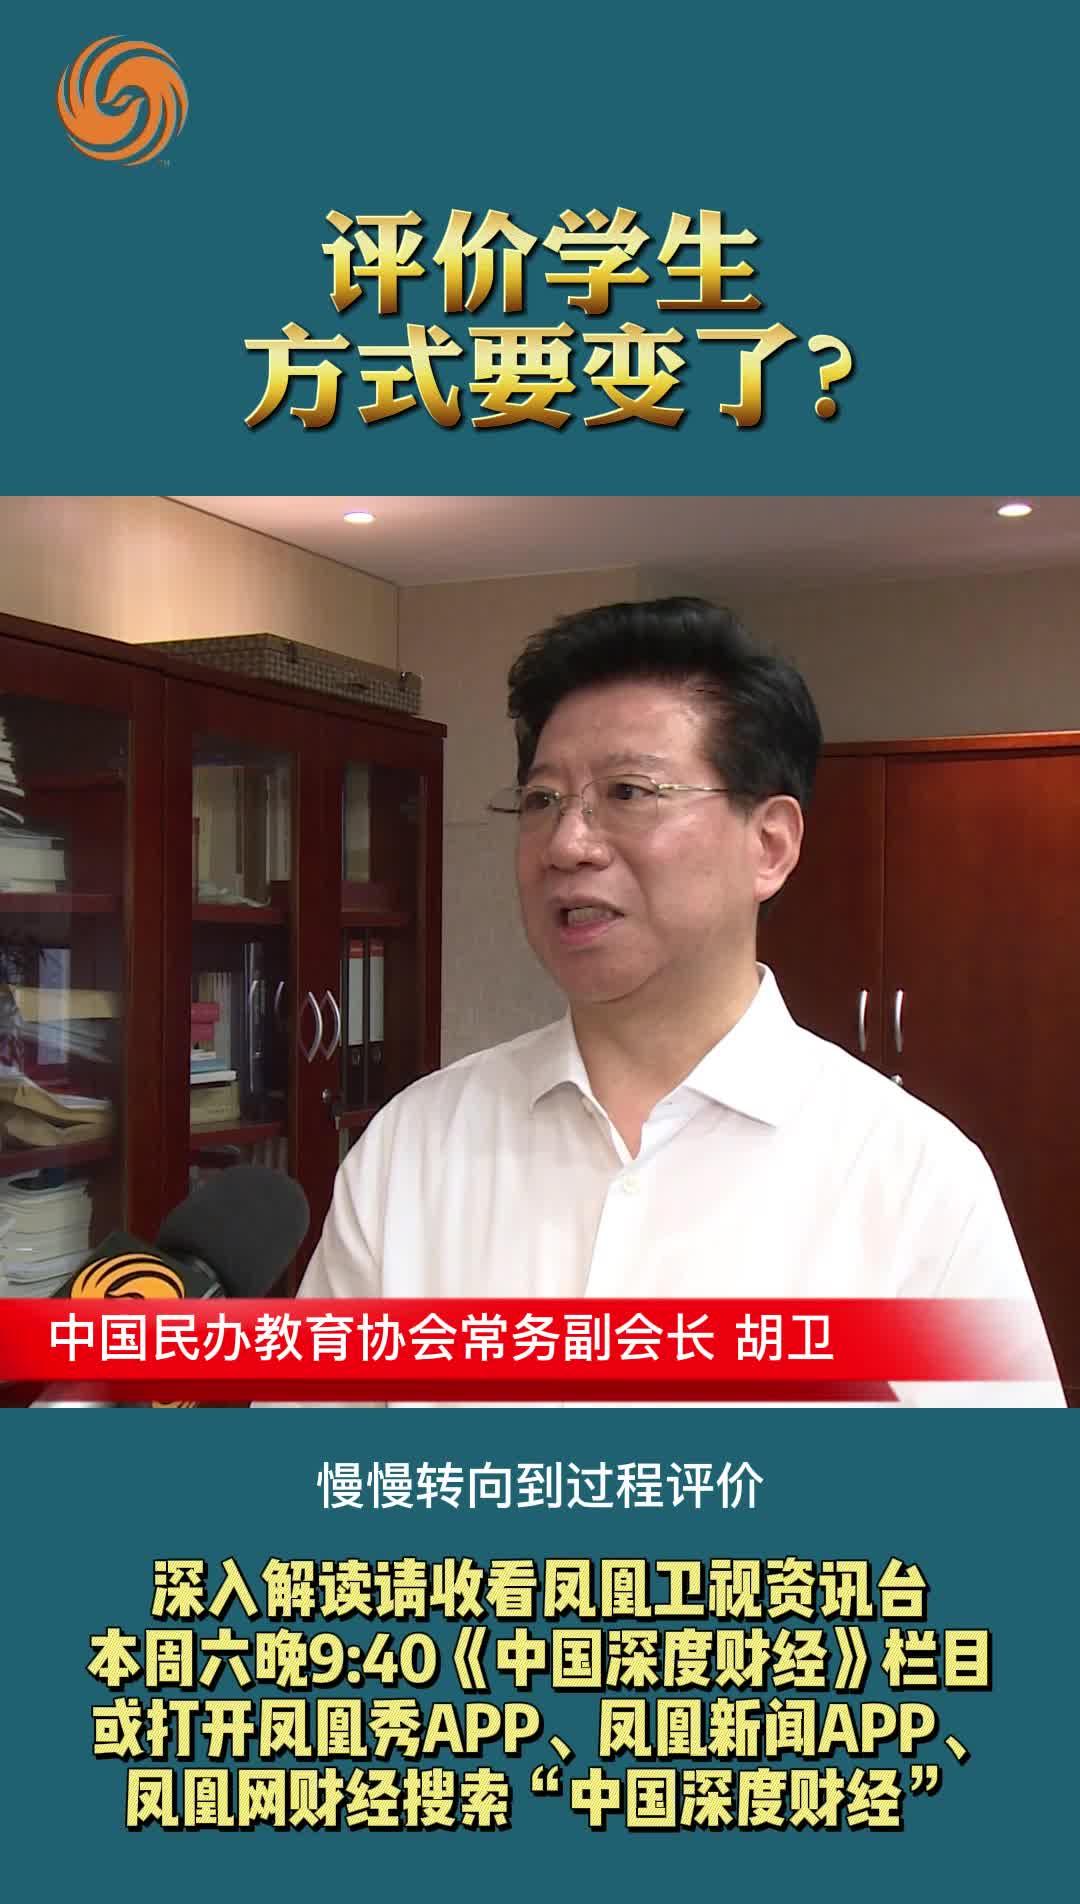 中国民办教育协会常务副会长 胡卫:评价学生方式要变了?